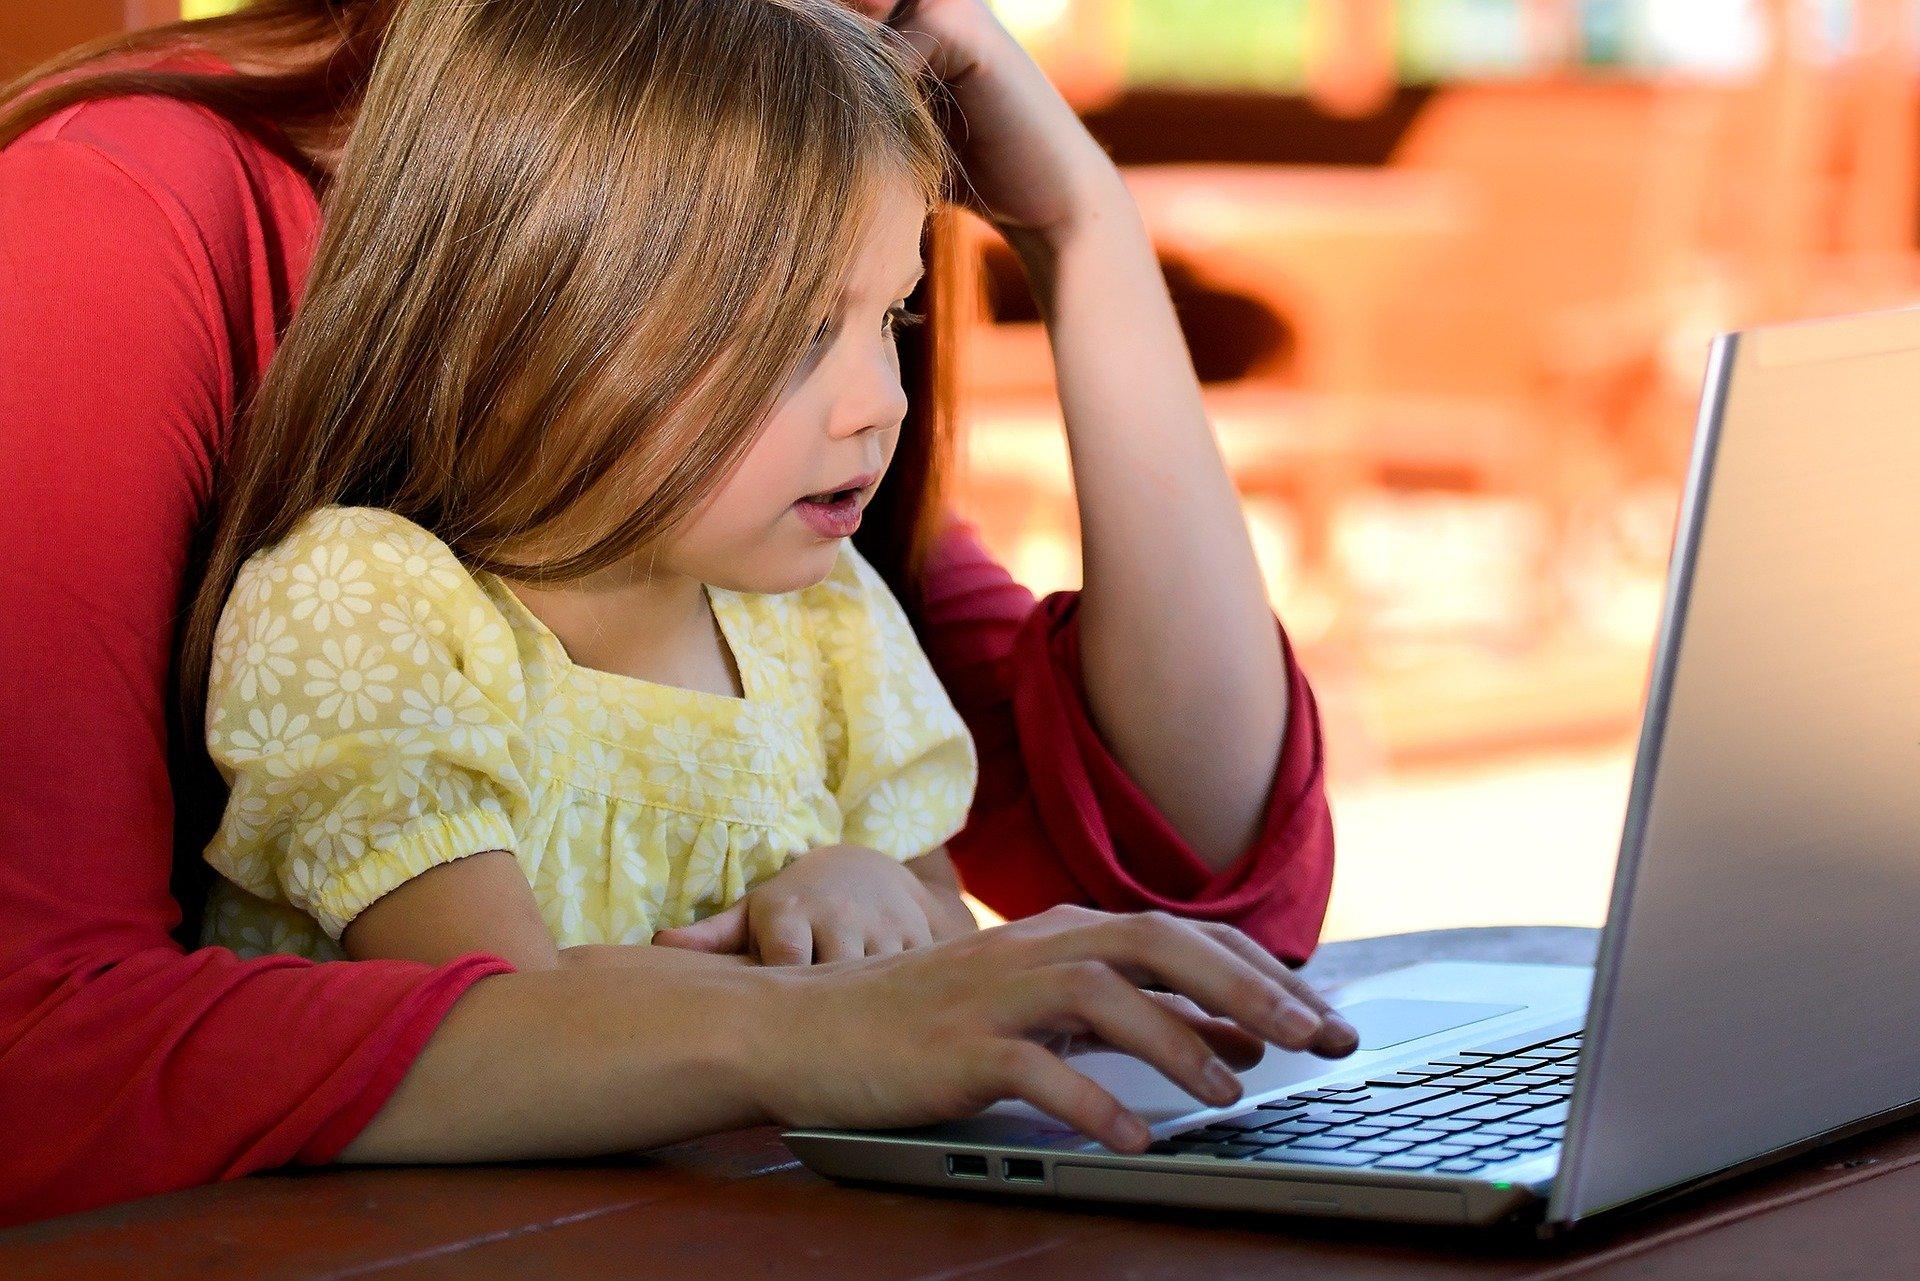 Na počátku pandemie mnozí rodiče uvolnili nastavená pravidla užívání digitálních technologií i proto, aby svým frustrovaným a neklidným dětem mohli nabídnout nějakou zábavu a rozptýlení.